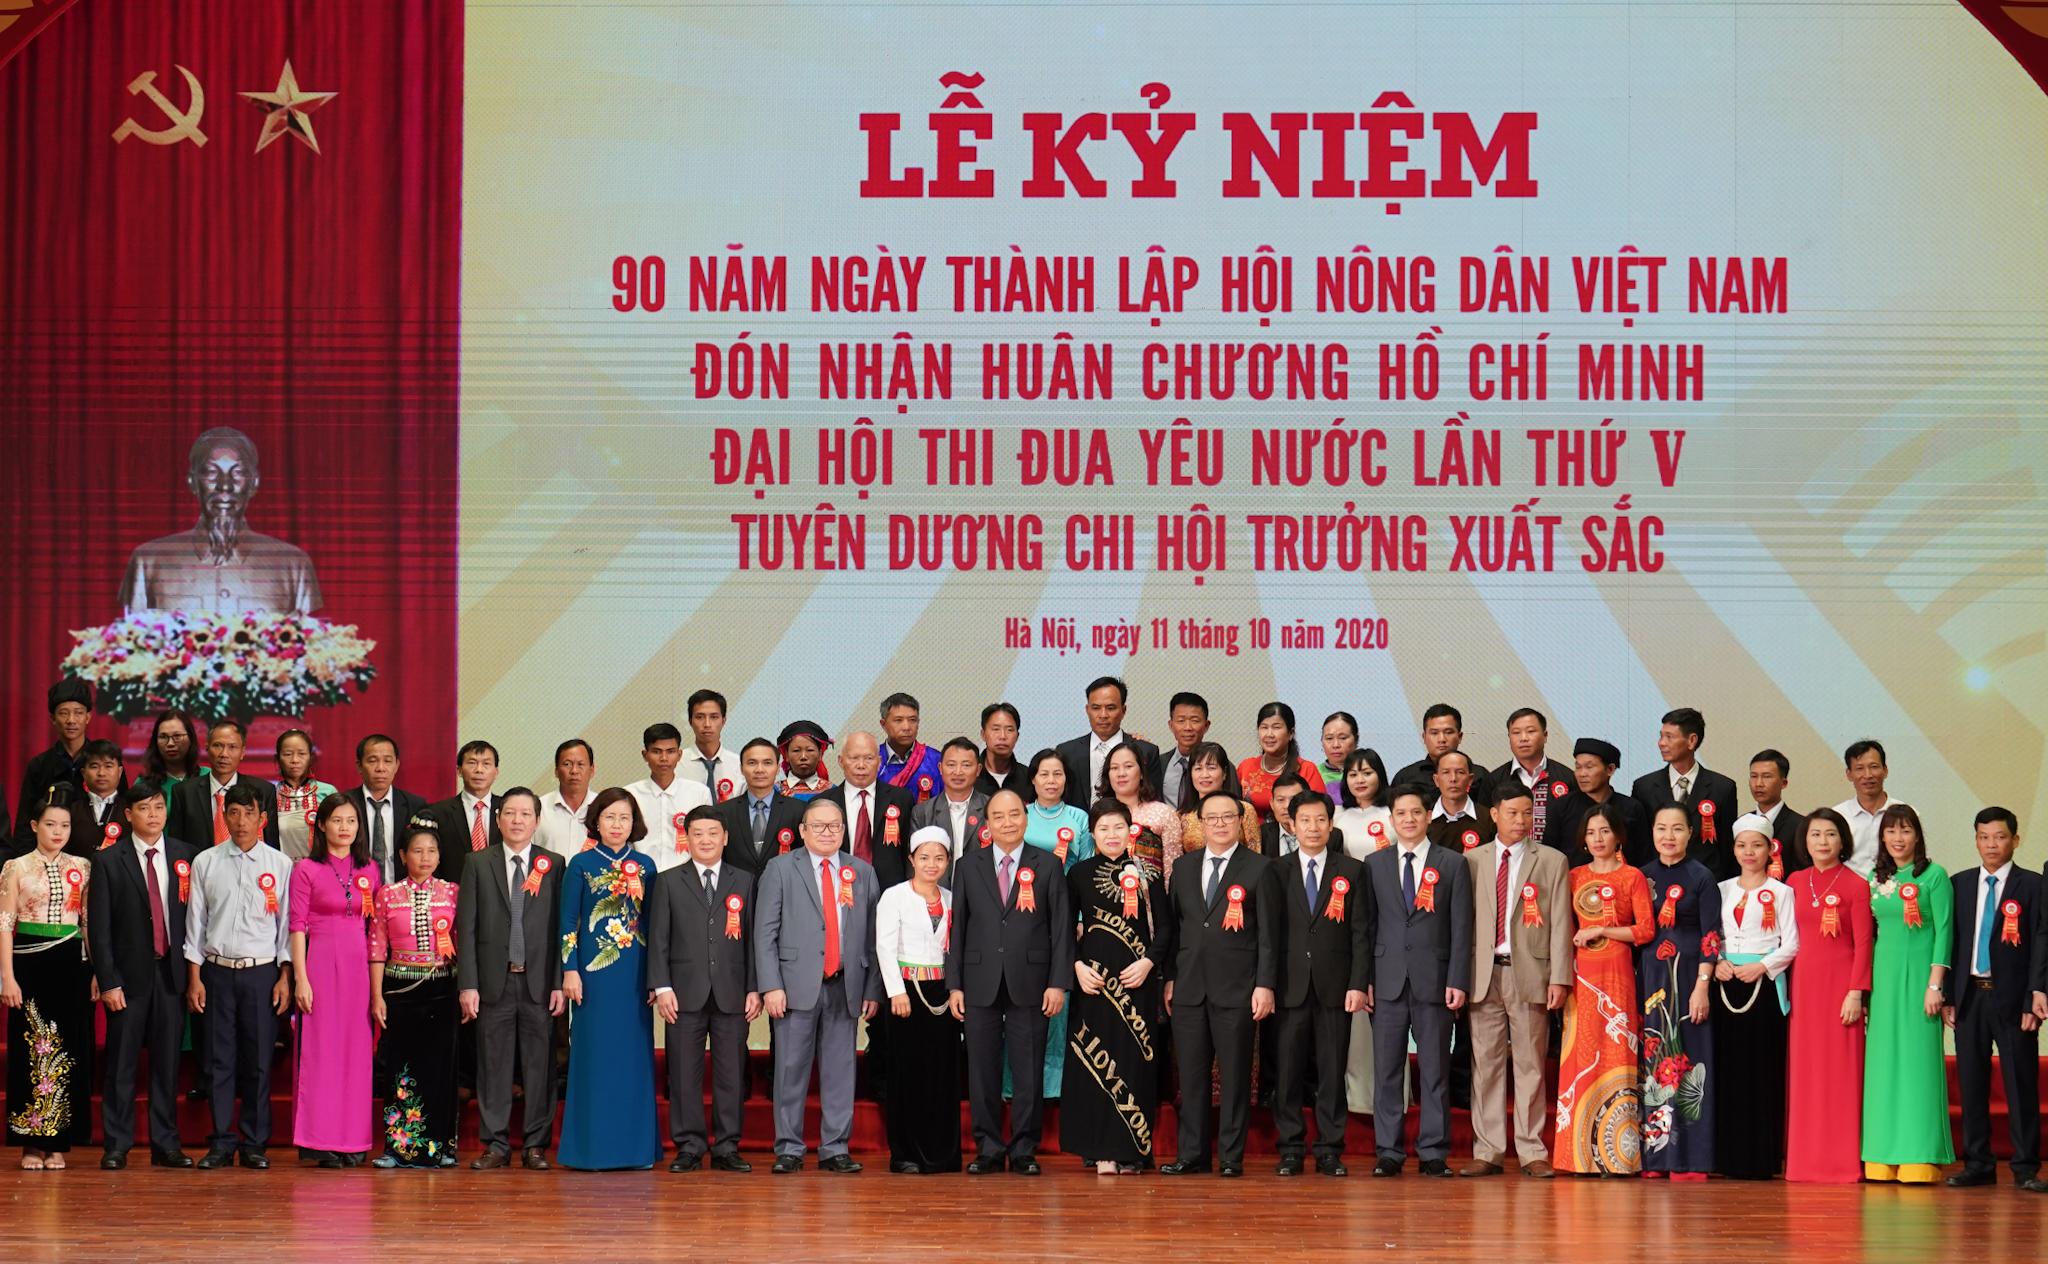 Thủ tướng Nguyễn Xuân Phúc và các đại biểu dự lễ kỳ niệm. Ảnh: VGP/Quang Hiếu